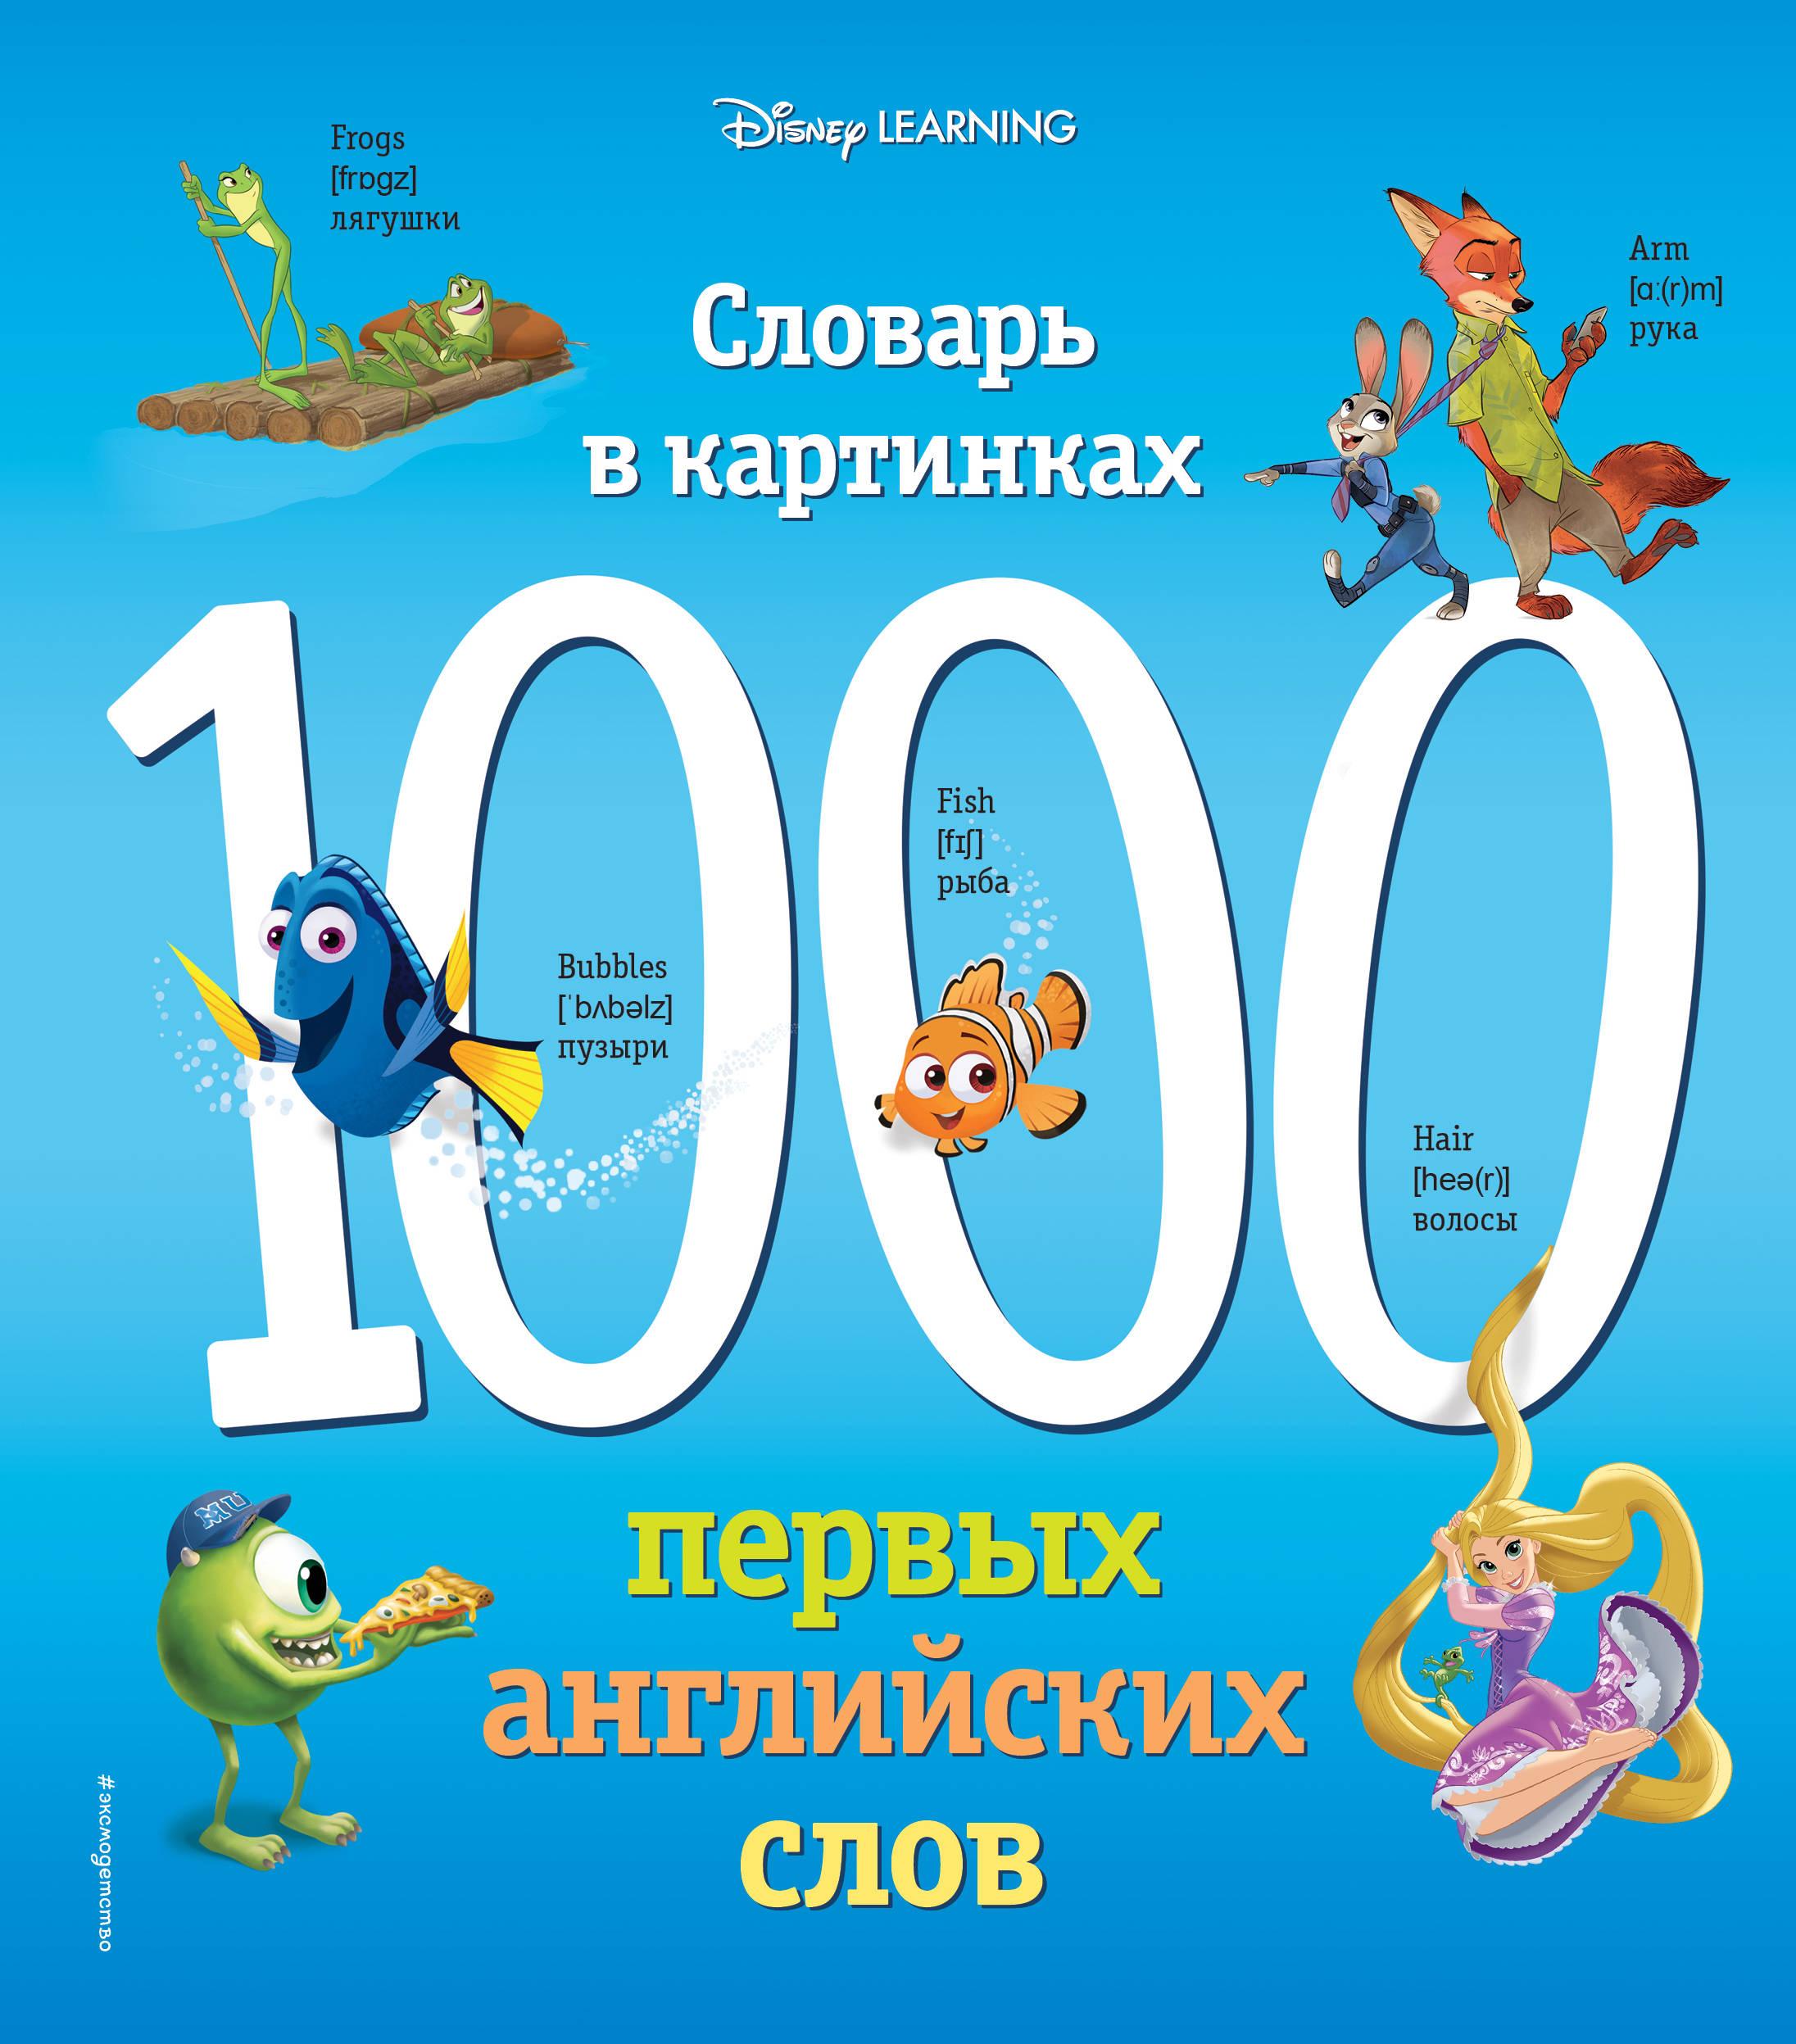 1000 первых английских слов. Словарь в картинках